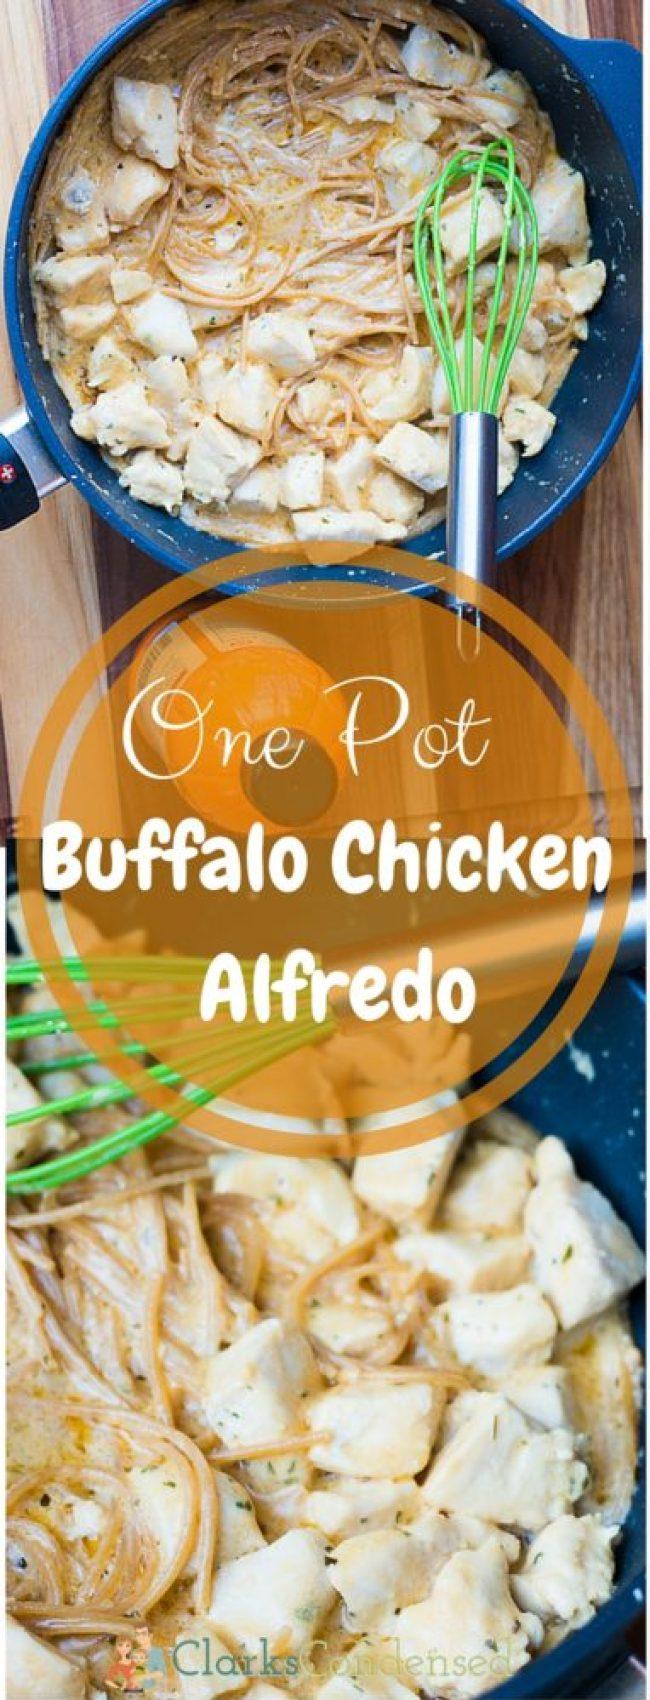 Creamy, tangy one pot buffalo chicken alfredo - so good!